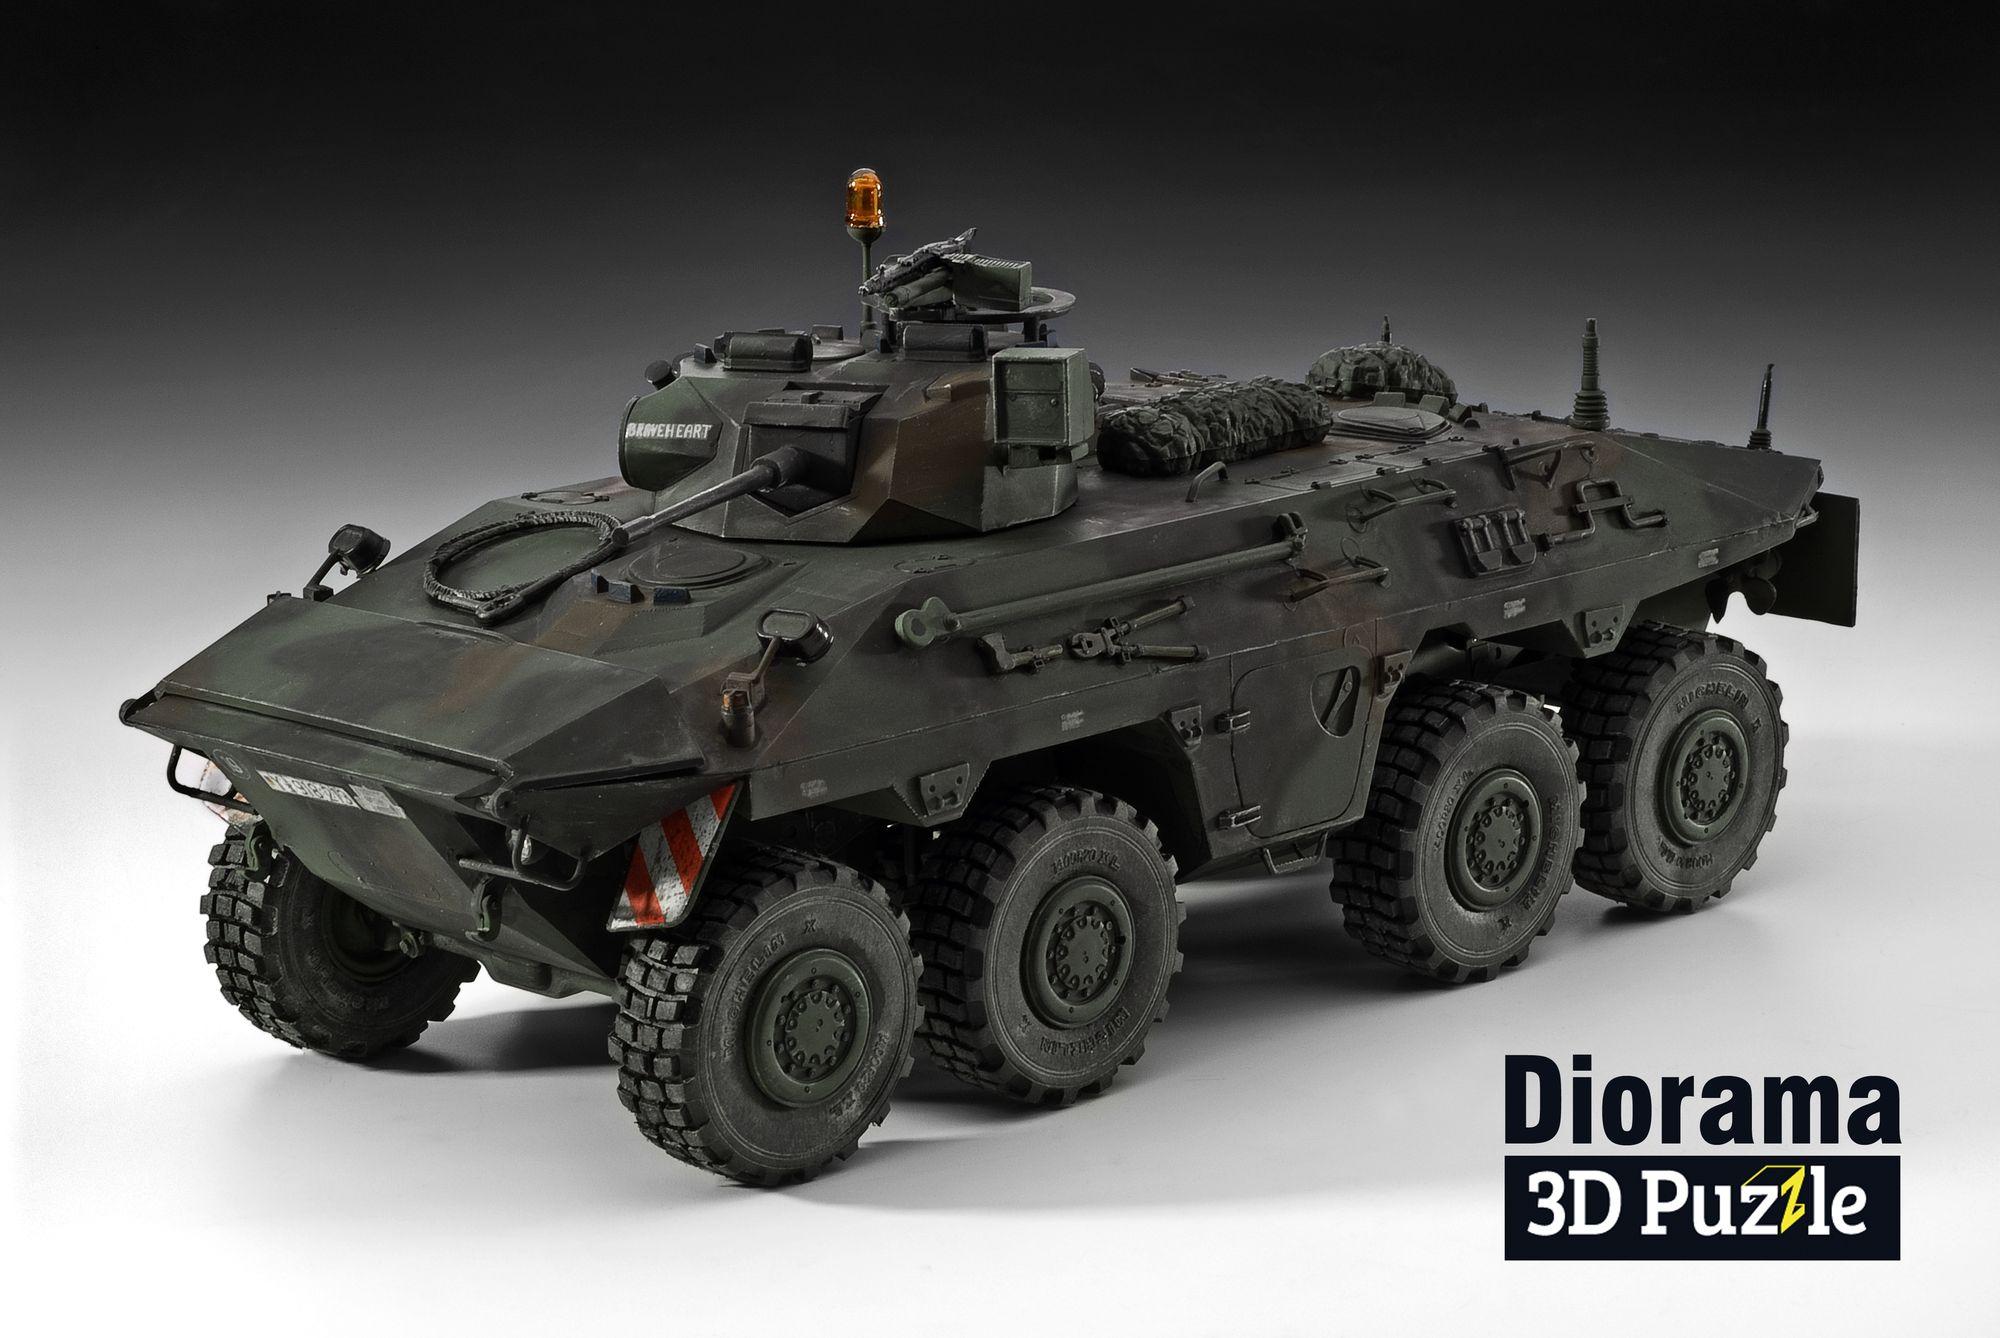 03321-SpPz-2-Luchs-Diorama Revell-Neuheiten 2020